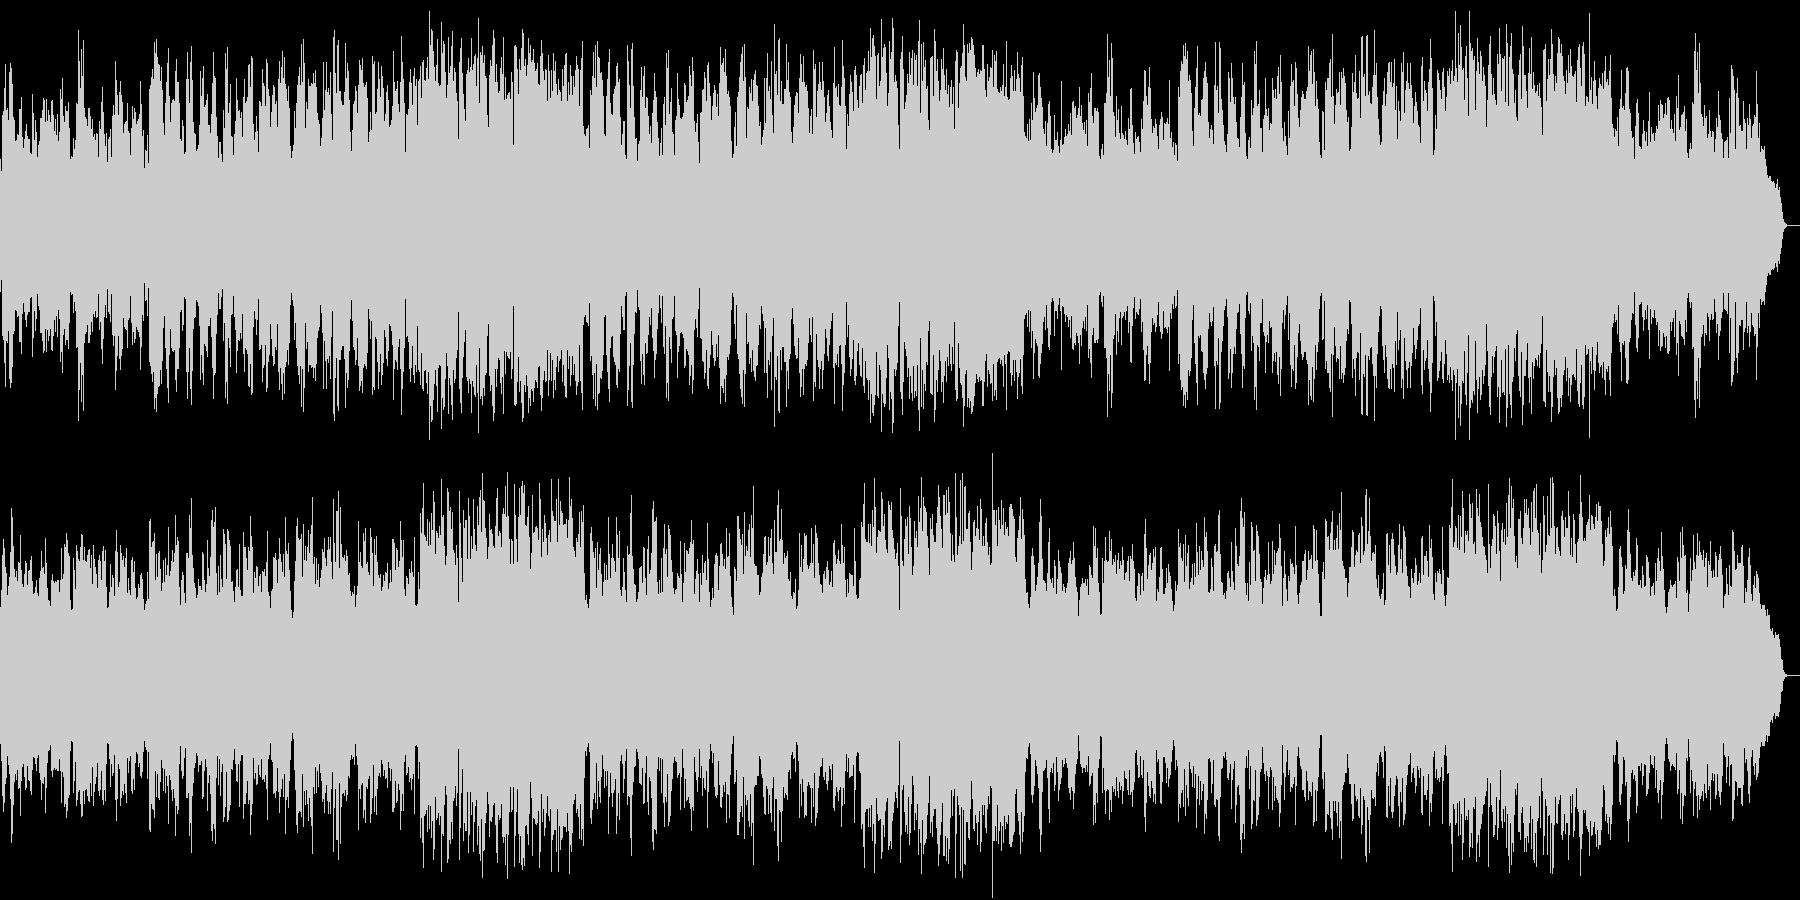 ミステリードラマの主題歌の様なムード歌謡の未再生の波形